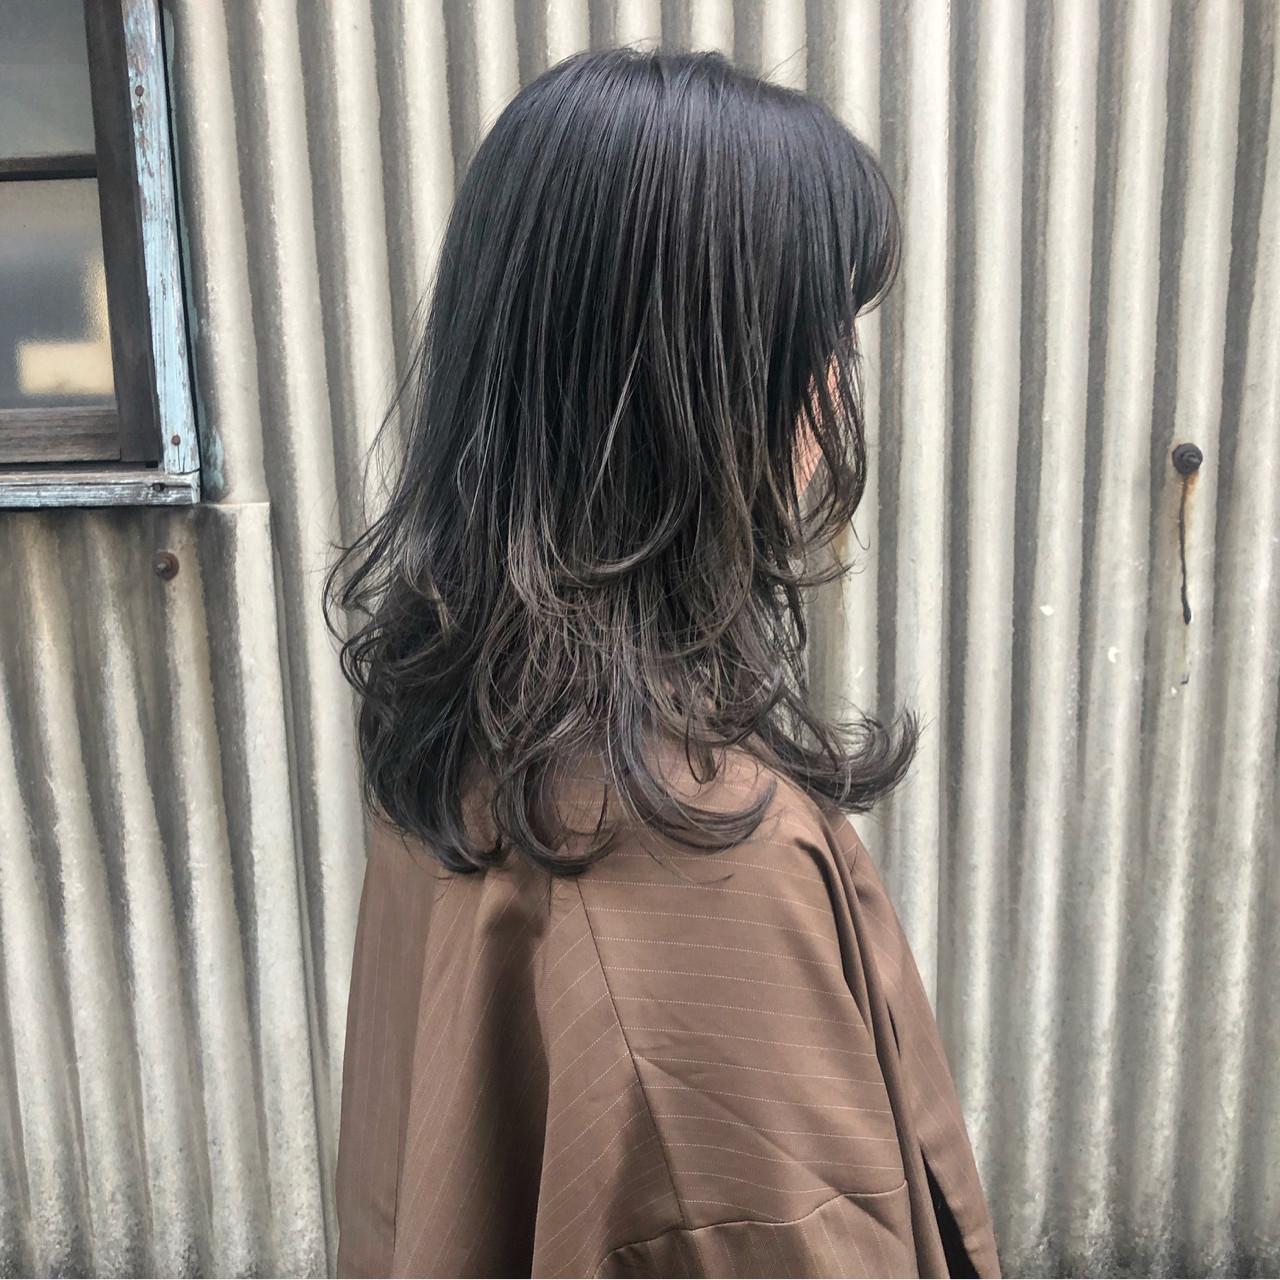 艶やかアッシュシルバーでツヤヘアに! 藤田成美 / oli